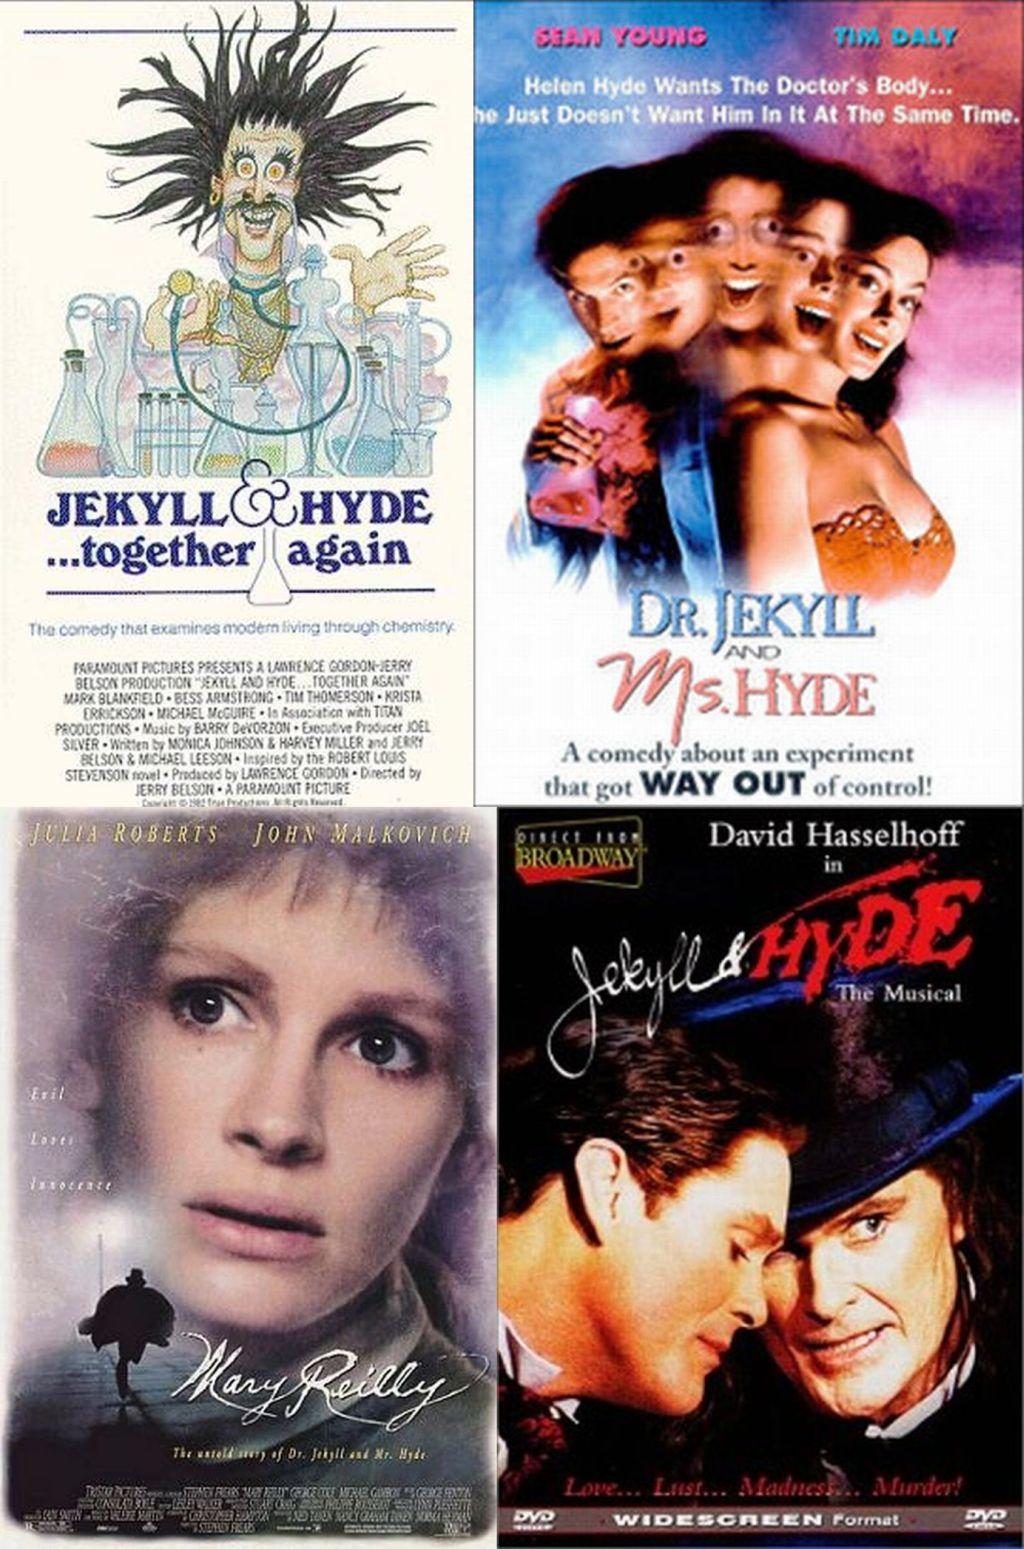 http://4.bp.blogspot.com/-2KKyzmkh5x0/UIQLB49fCoI/AAAAAAAAHfg/jz_CH5DWdjo/s1600/Jekyll+Hyde+Remakes+%25281982-1997%2529.jpg